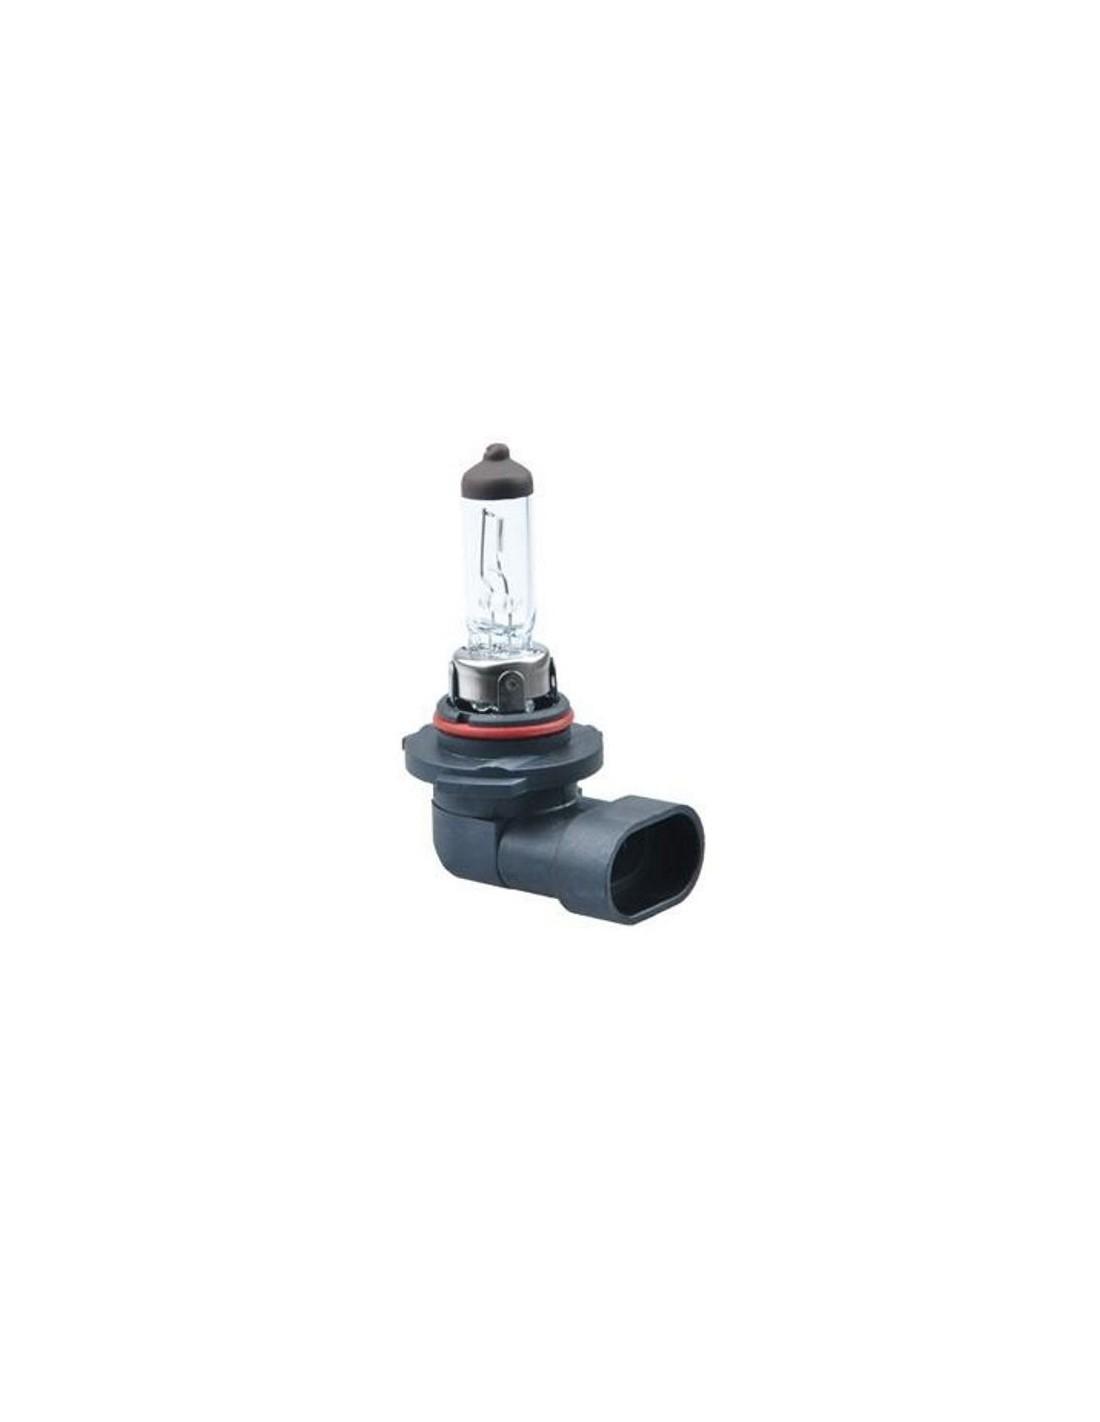 Lámpara Halógena H10 12V 42W PY20d| 3.95€ - www.recambium.com